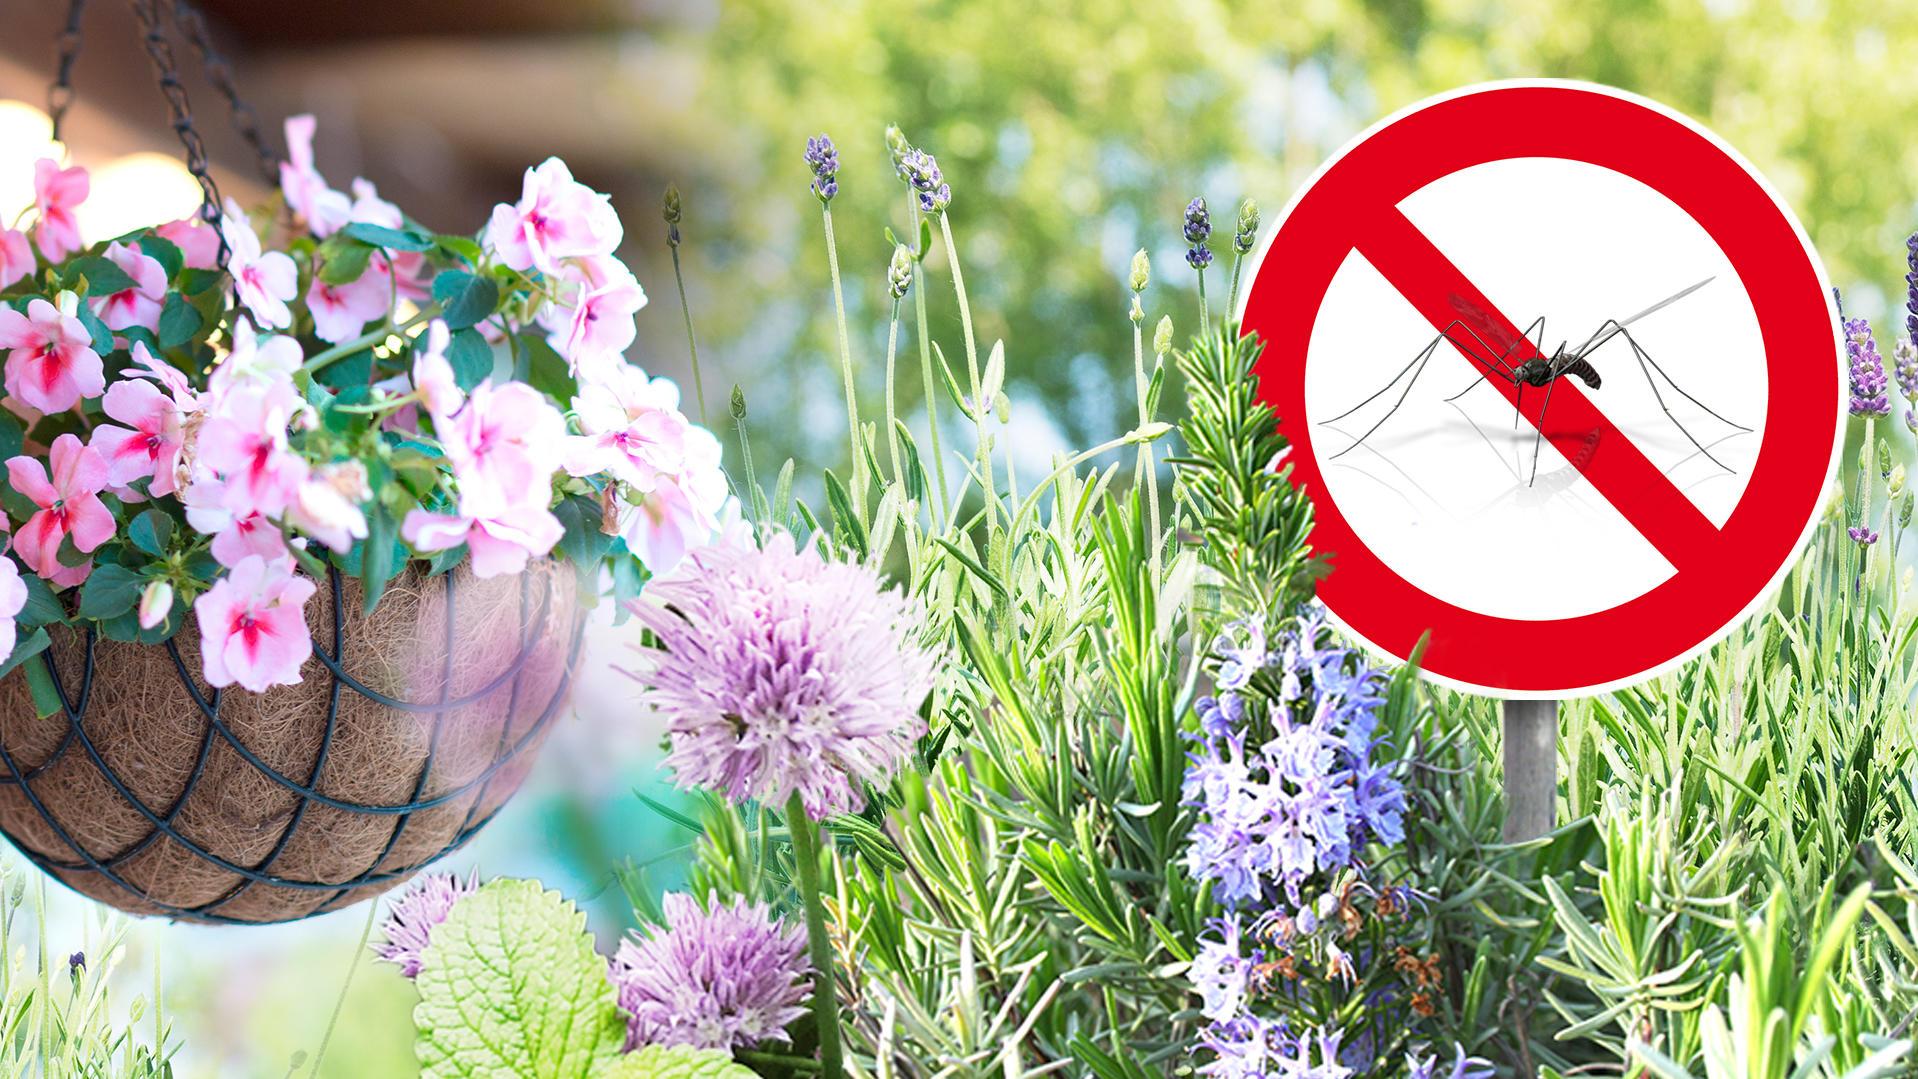 Hausmittel gegen Mücken: Diese 7 Pflanzen vertreiben Stechmücken